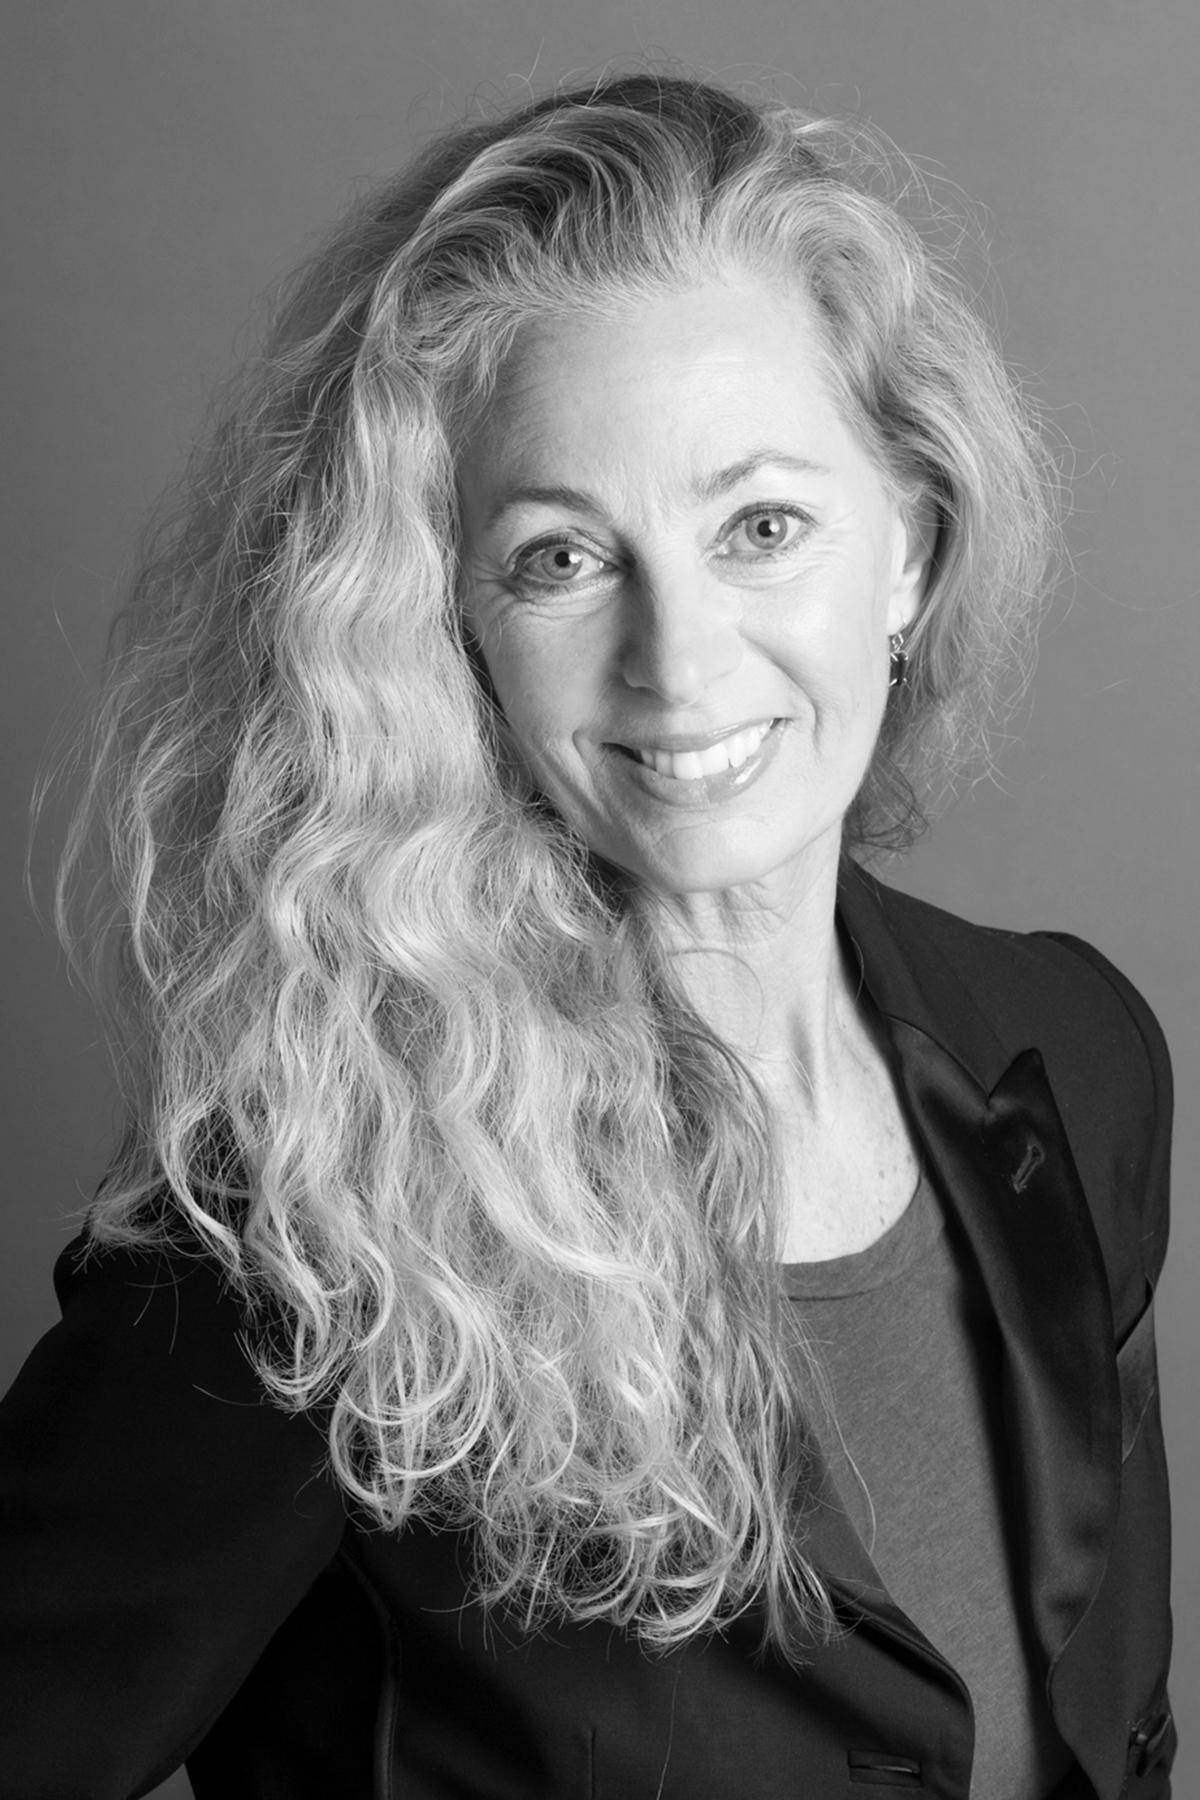 Cynthia Shoemaker-Zerrer